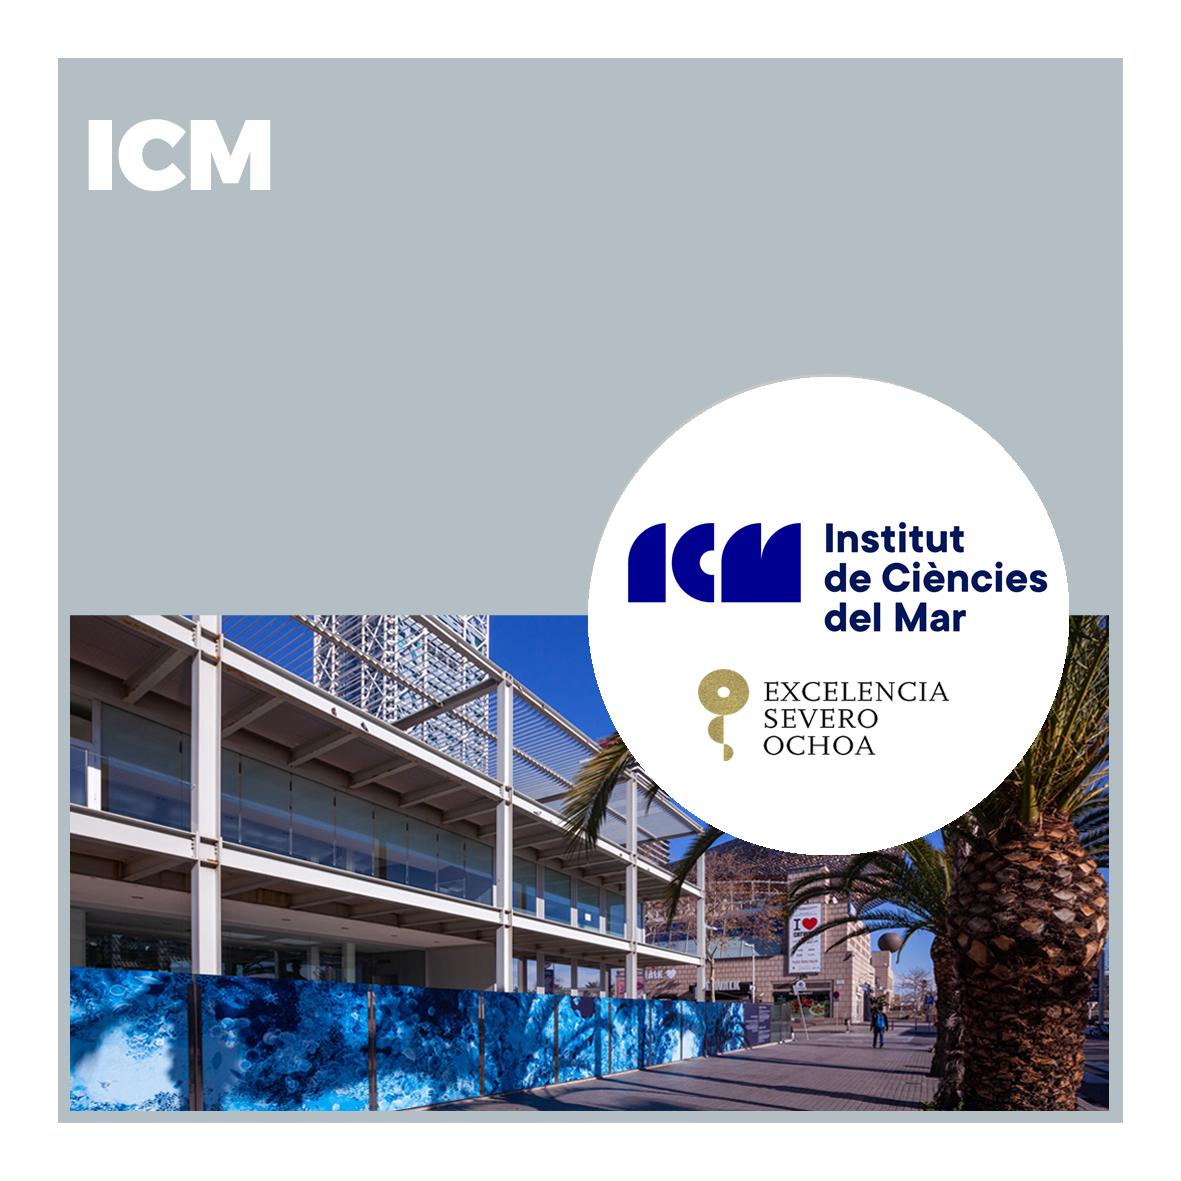 Instituto de Ciencias del Mar (ICM)